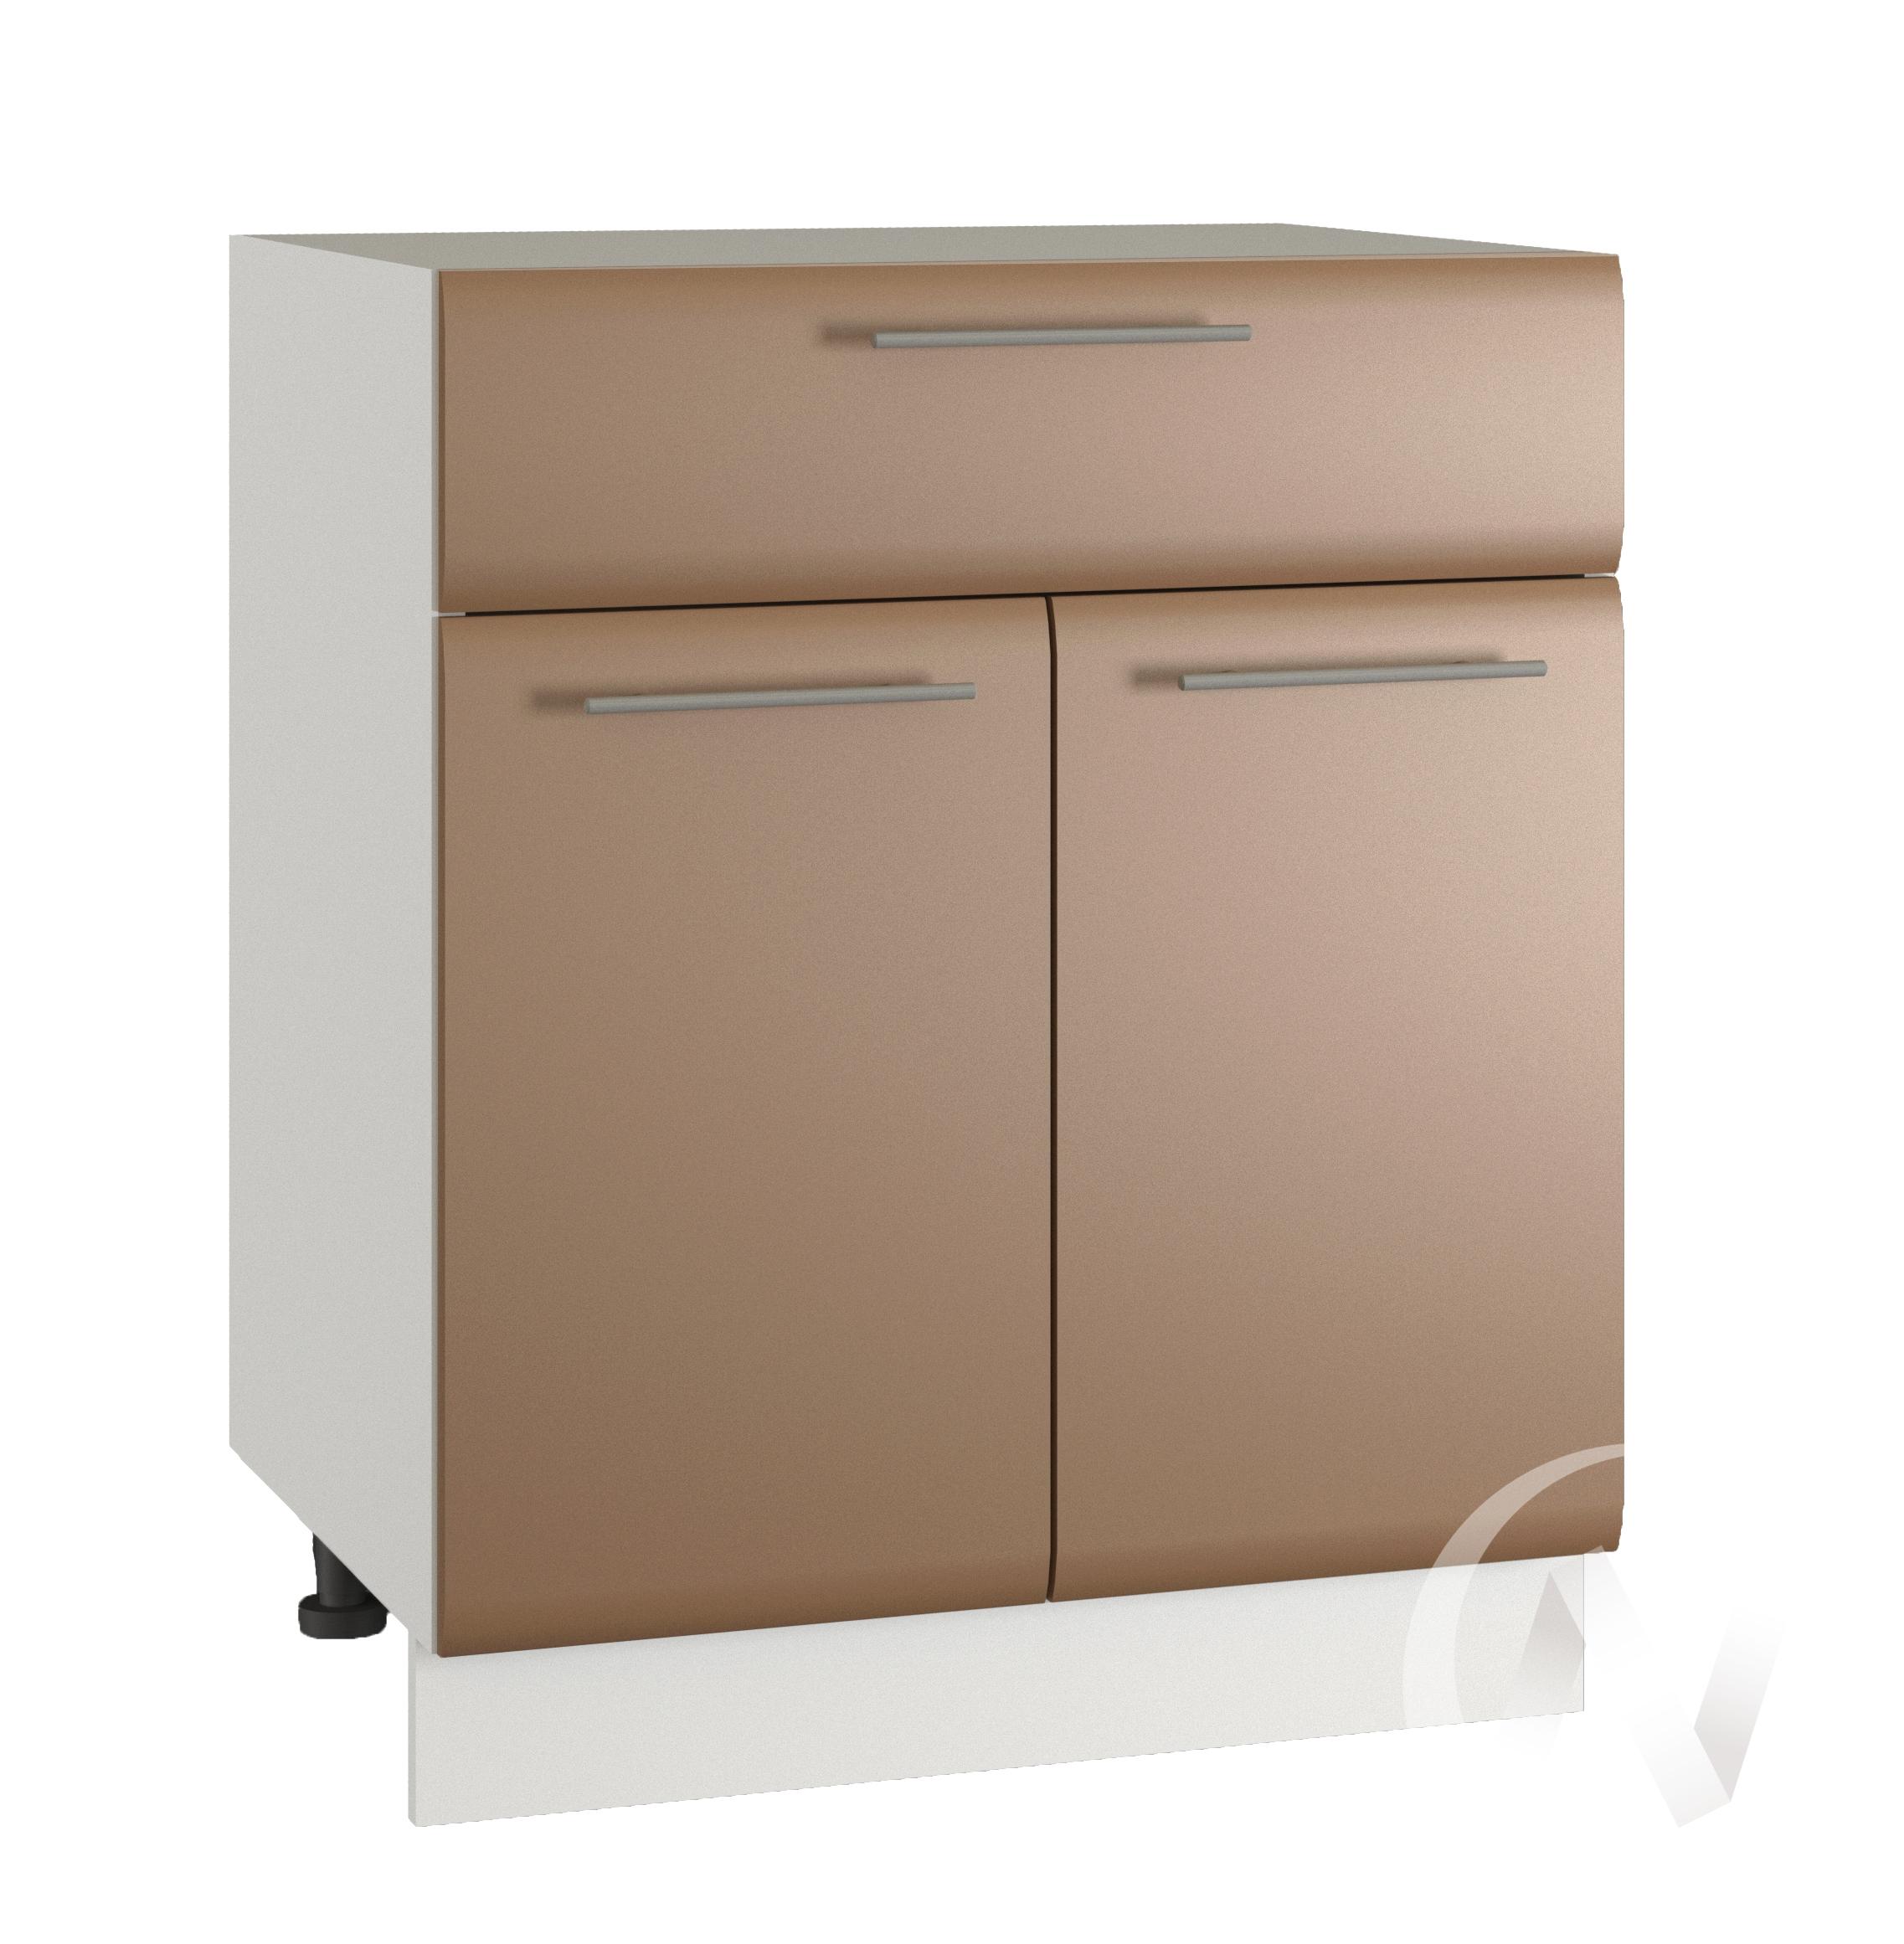 """Кухня """"Люкс"""": Шкаф нижний с ящиком 600, ШН1Я 600 М (Шоколад матовый/корпус белый)"""